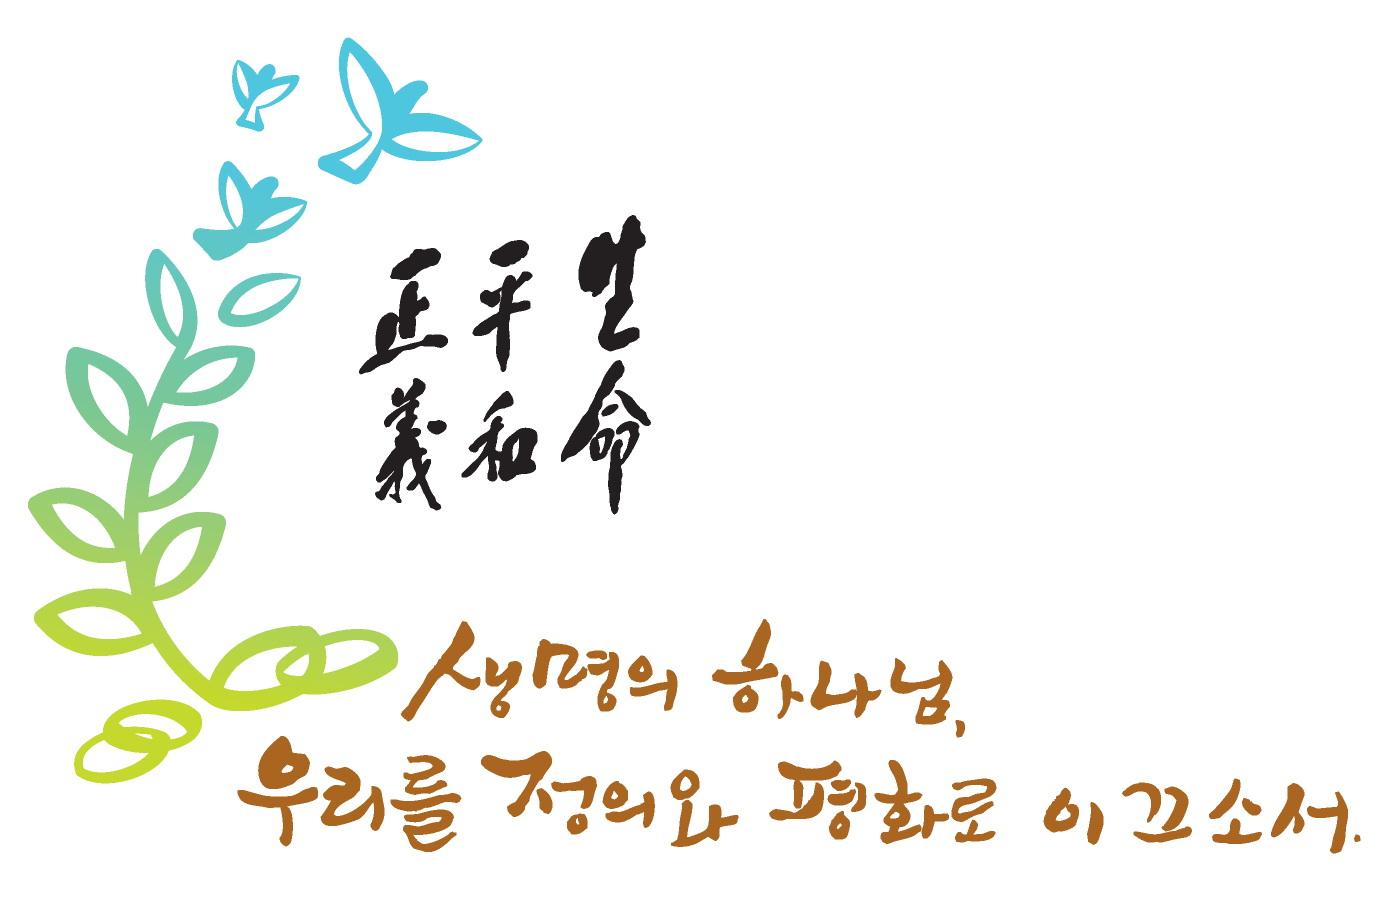 제97회 총회 엠블멤 및 주제.jpg